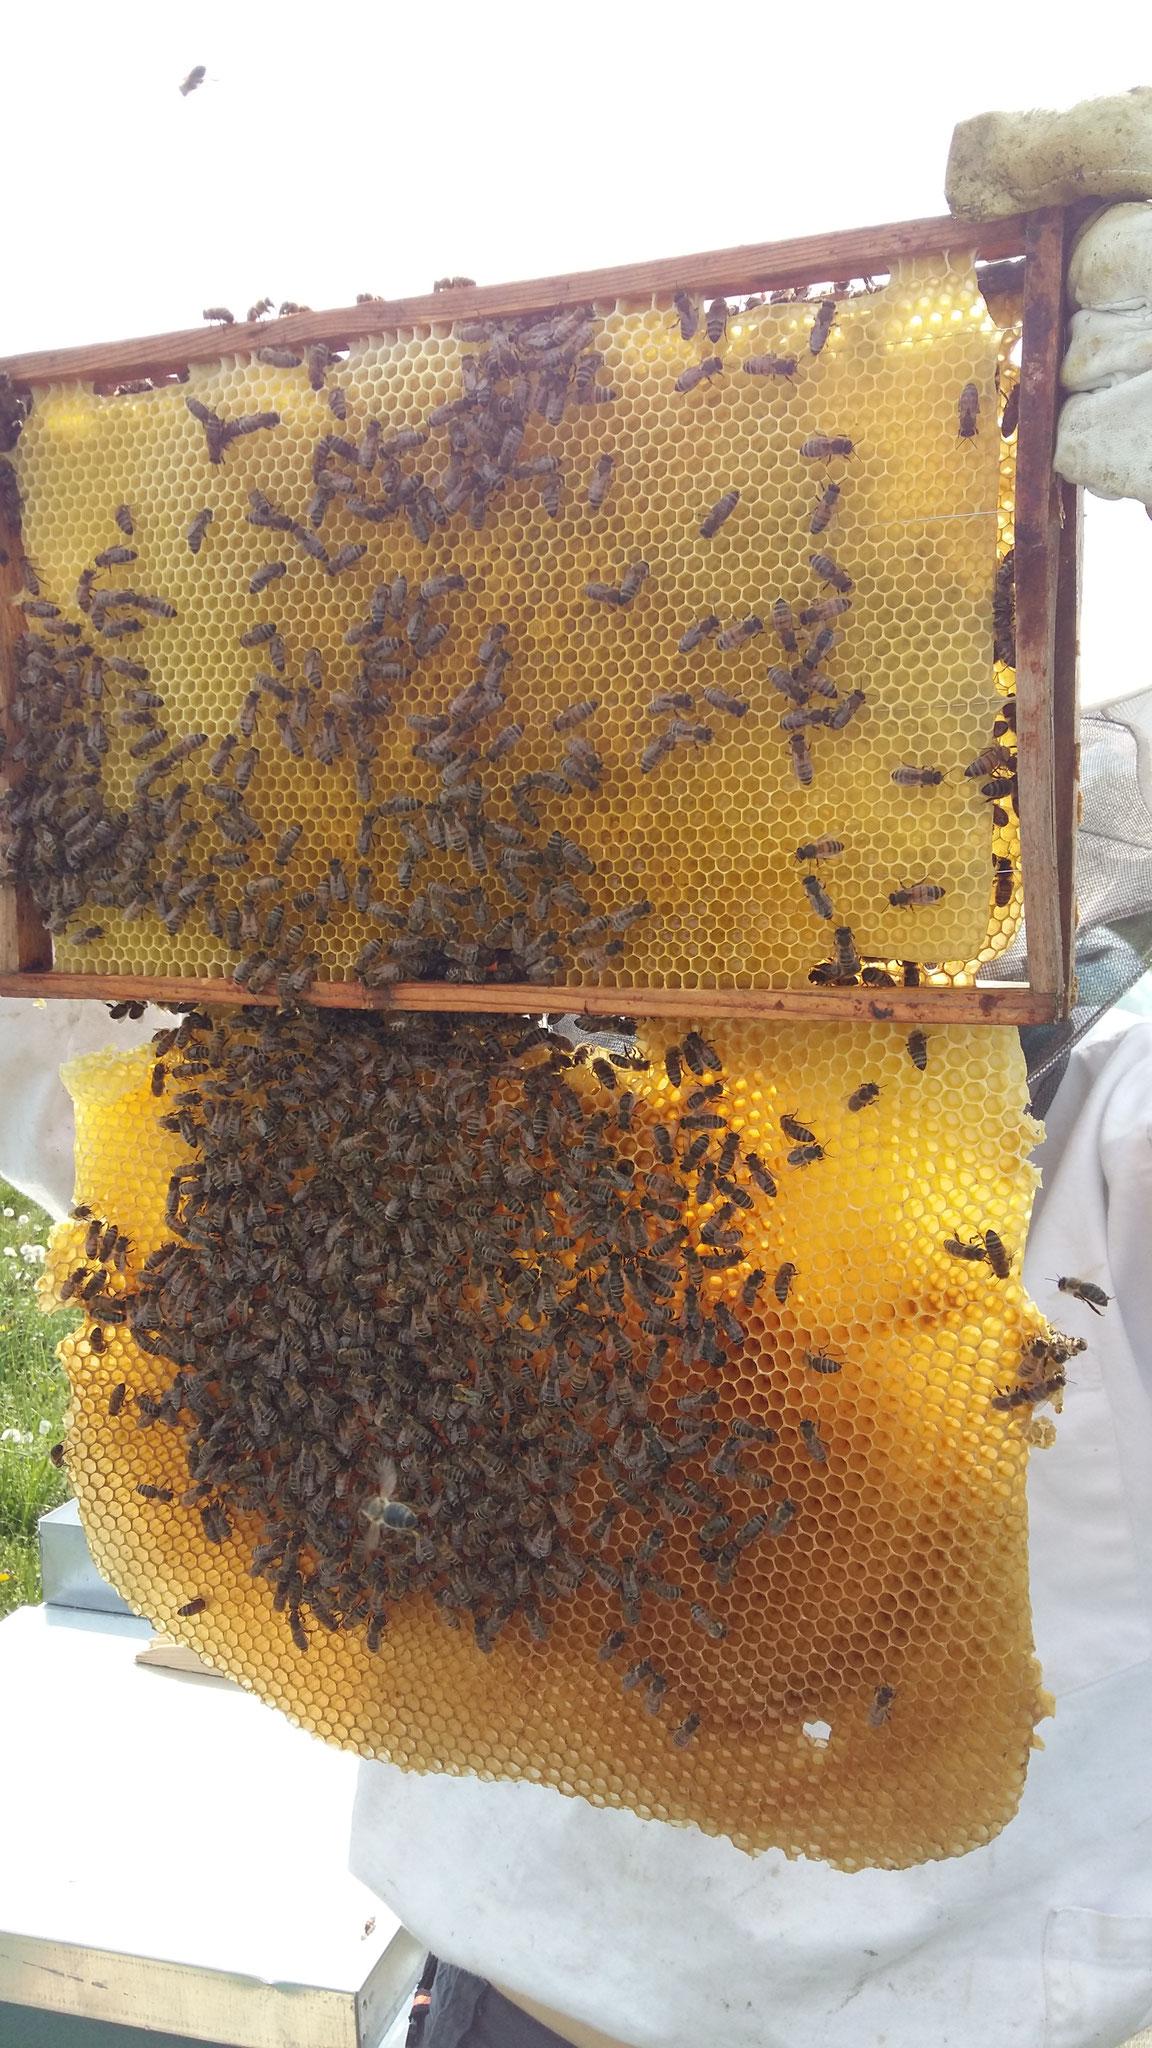 Unsere Bienen sind fleißig - hier haben sie gleich eine Wabe unten angebaut